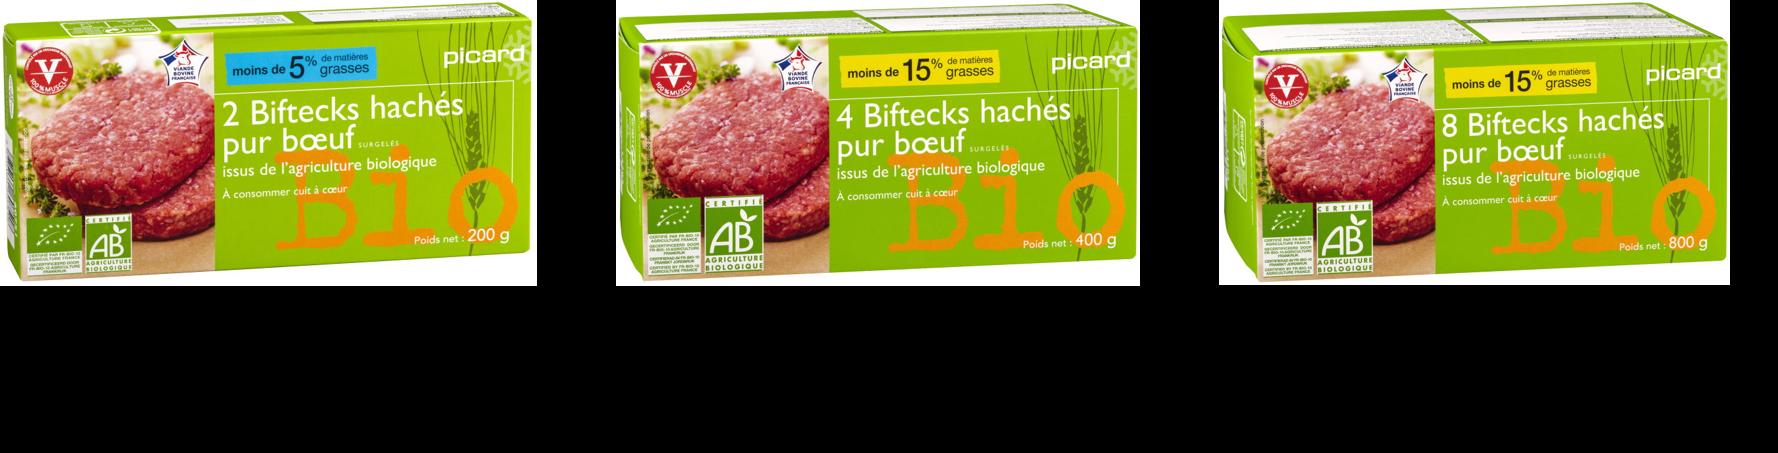 gamme-biftecks-haches-bio